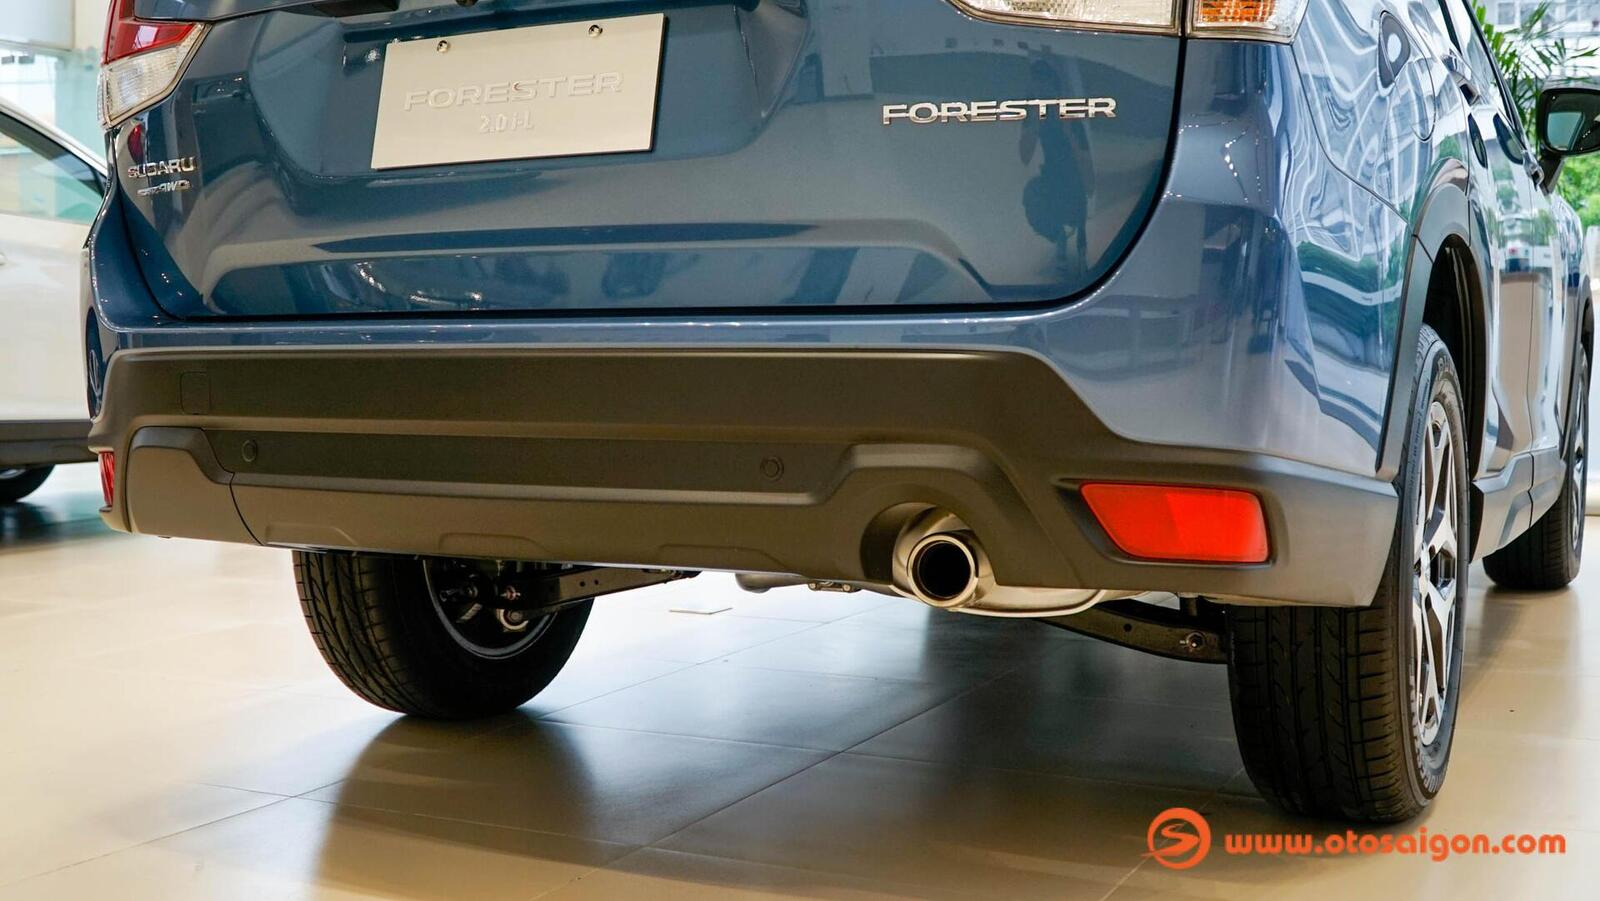 Đánh giá nhanh Subaru Forester thế hệ mới và sự khác biệt giữa hai phiên bản - Hình 17